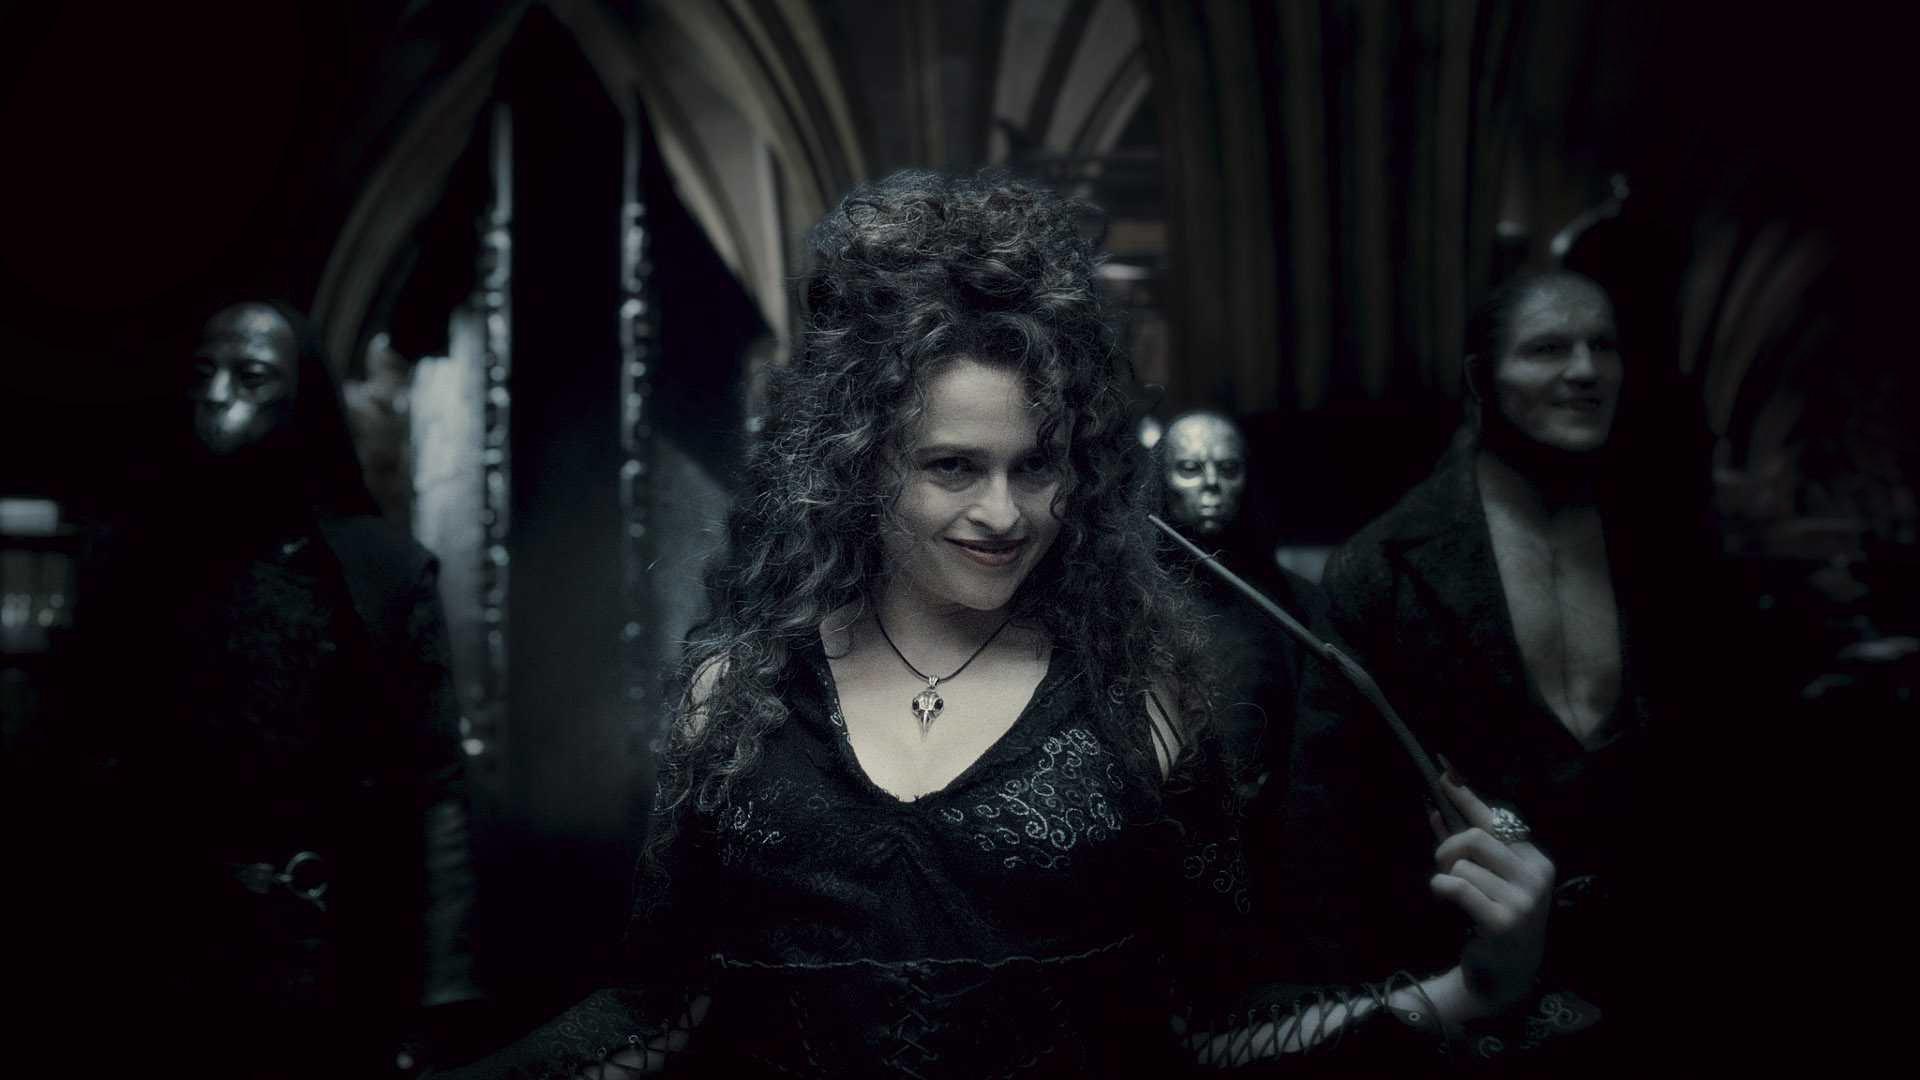 helena-bonham-carter-harry-potter-harry-potter-and-the-half-blood-prince-bellatrix-lestrange-fenrir-greyback-david-legeno-death-eaters